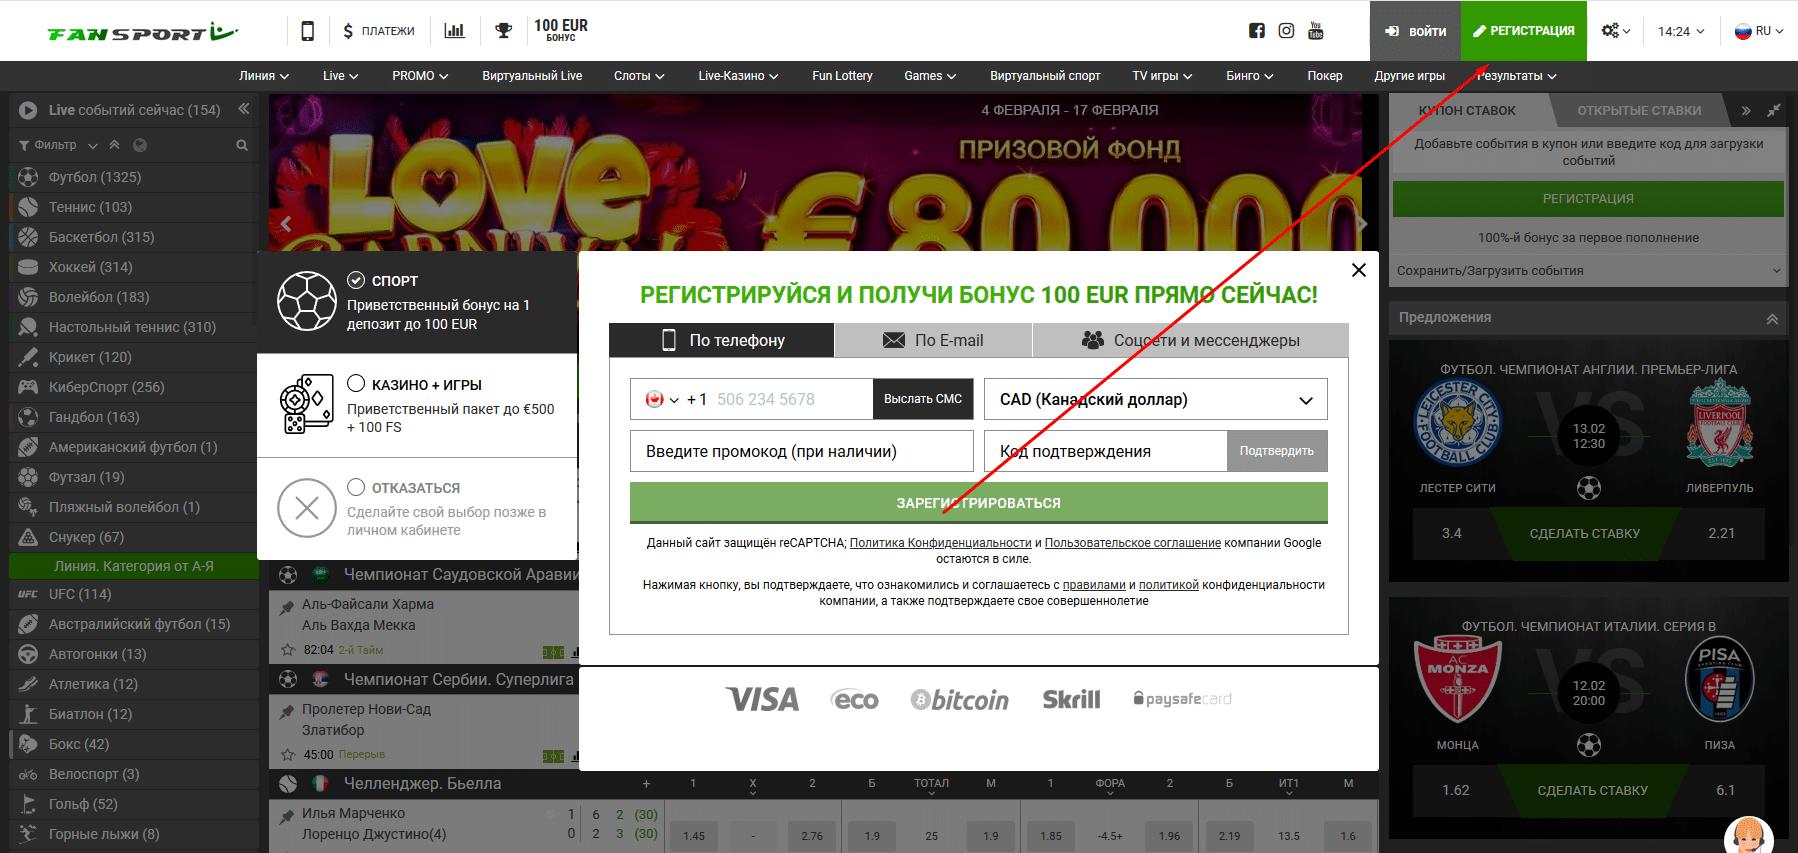 Регистрация на сайте БК Фан Спорт